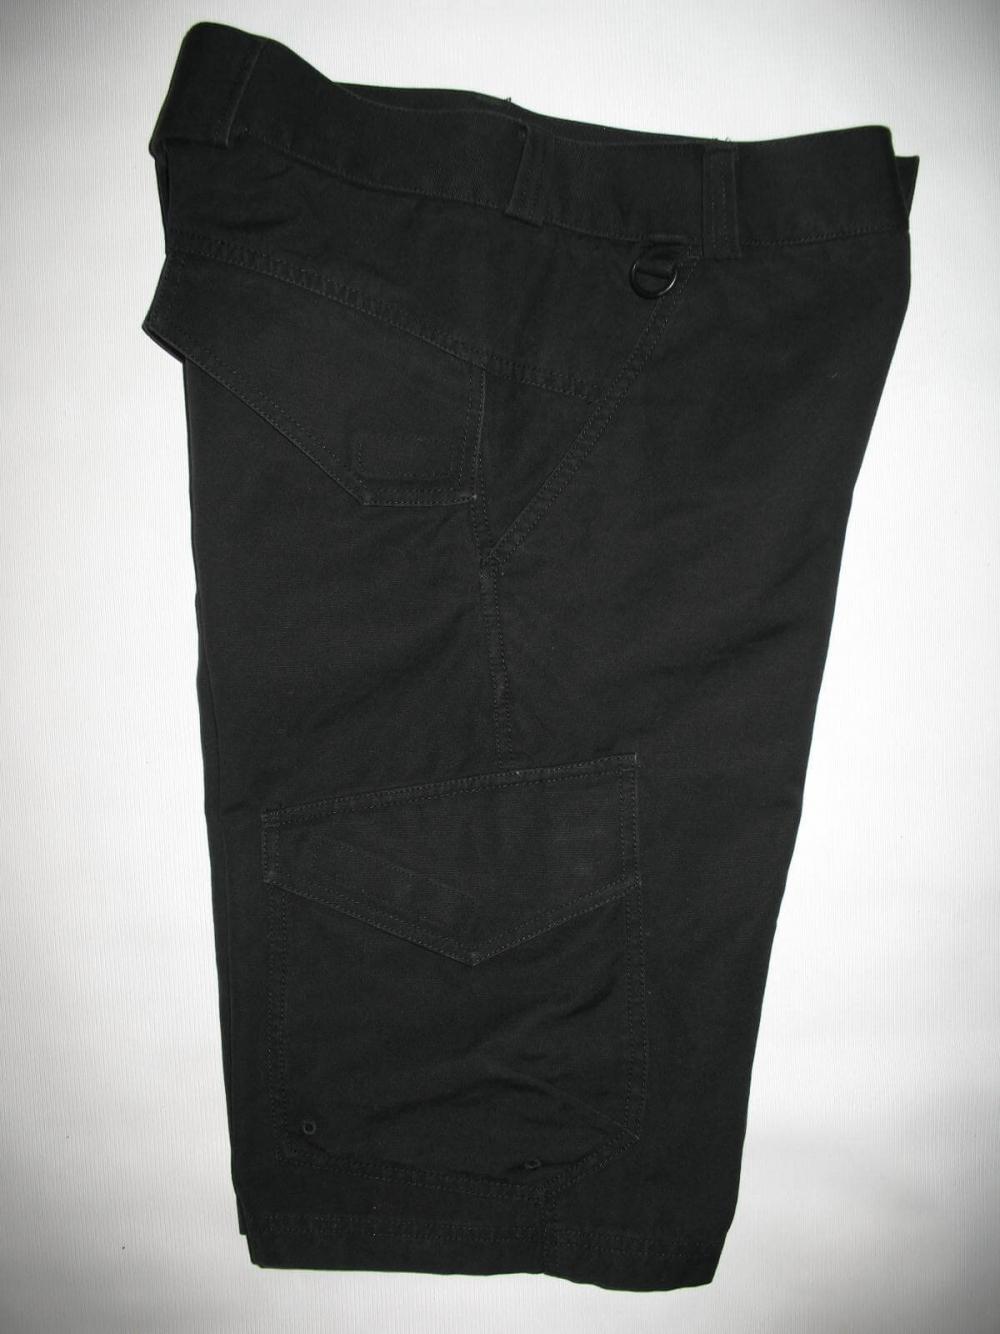 Шорты EASTPAK engel shorts (размер M) - 5